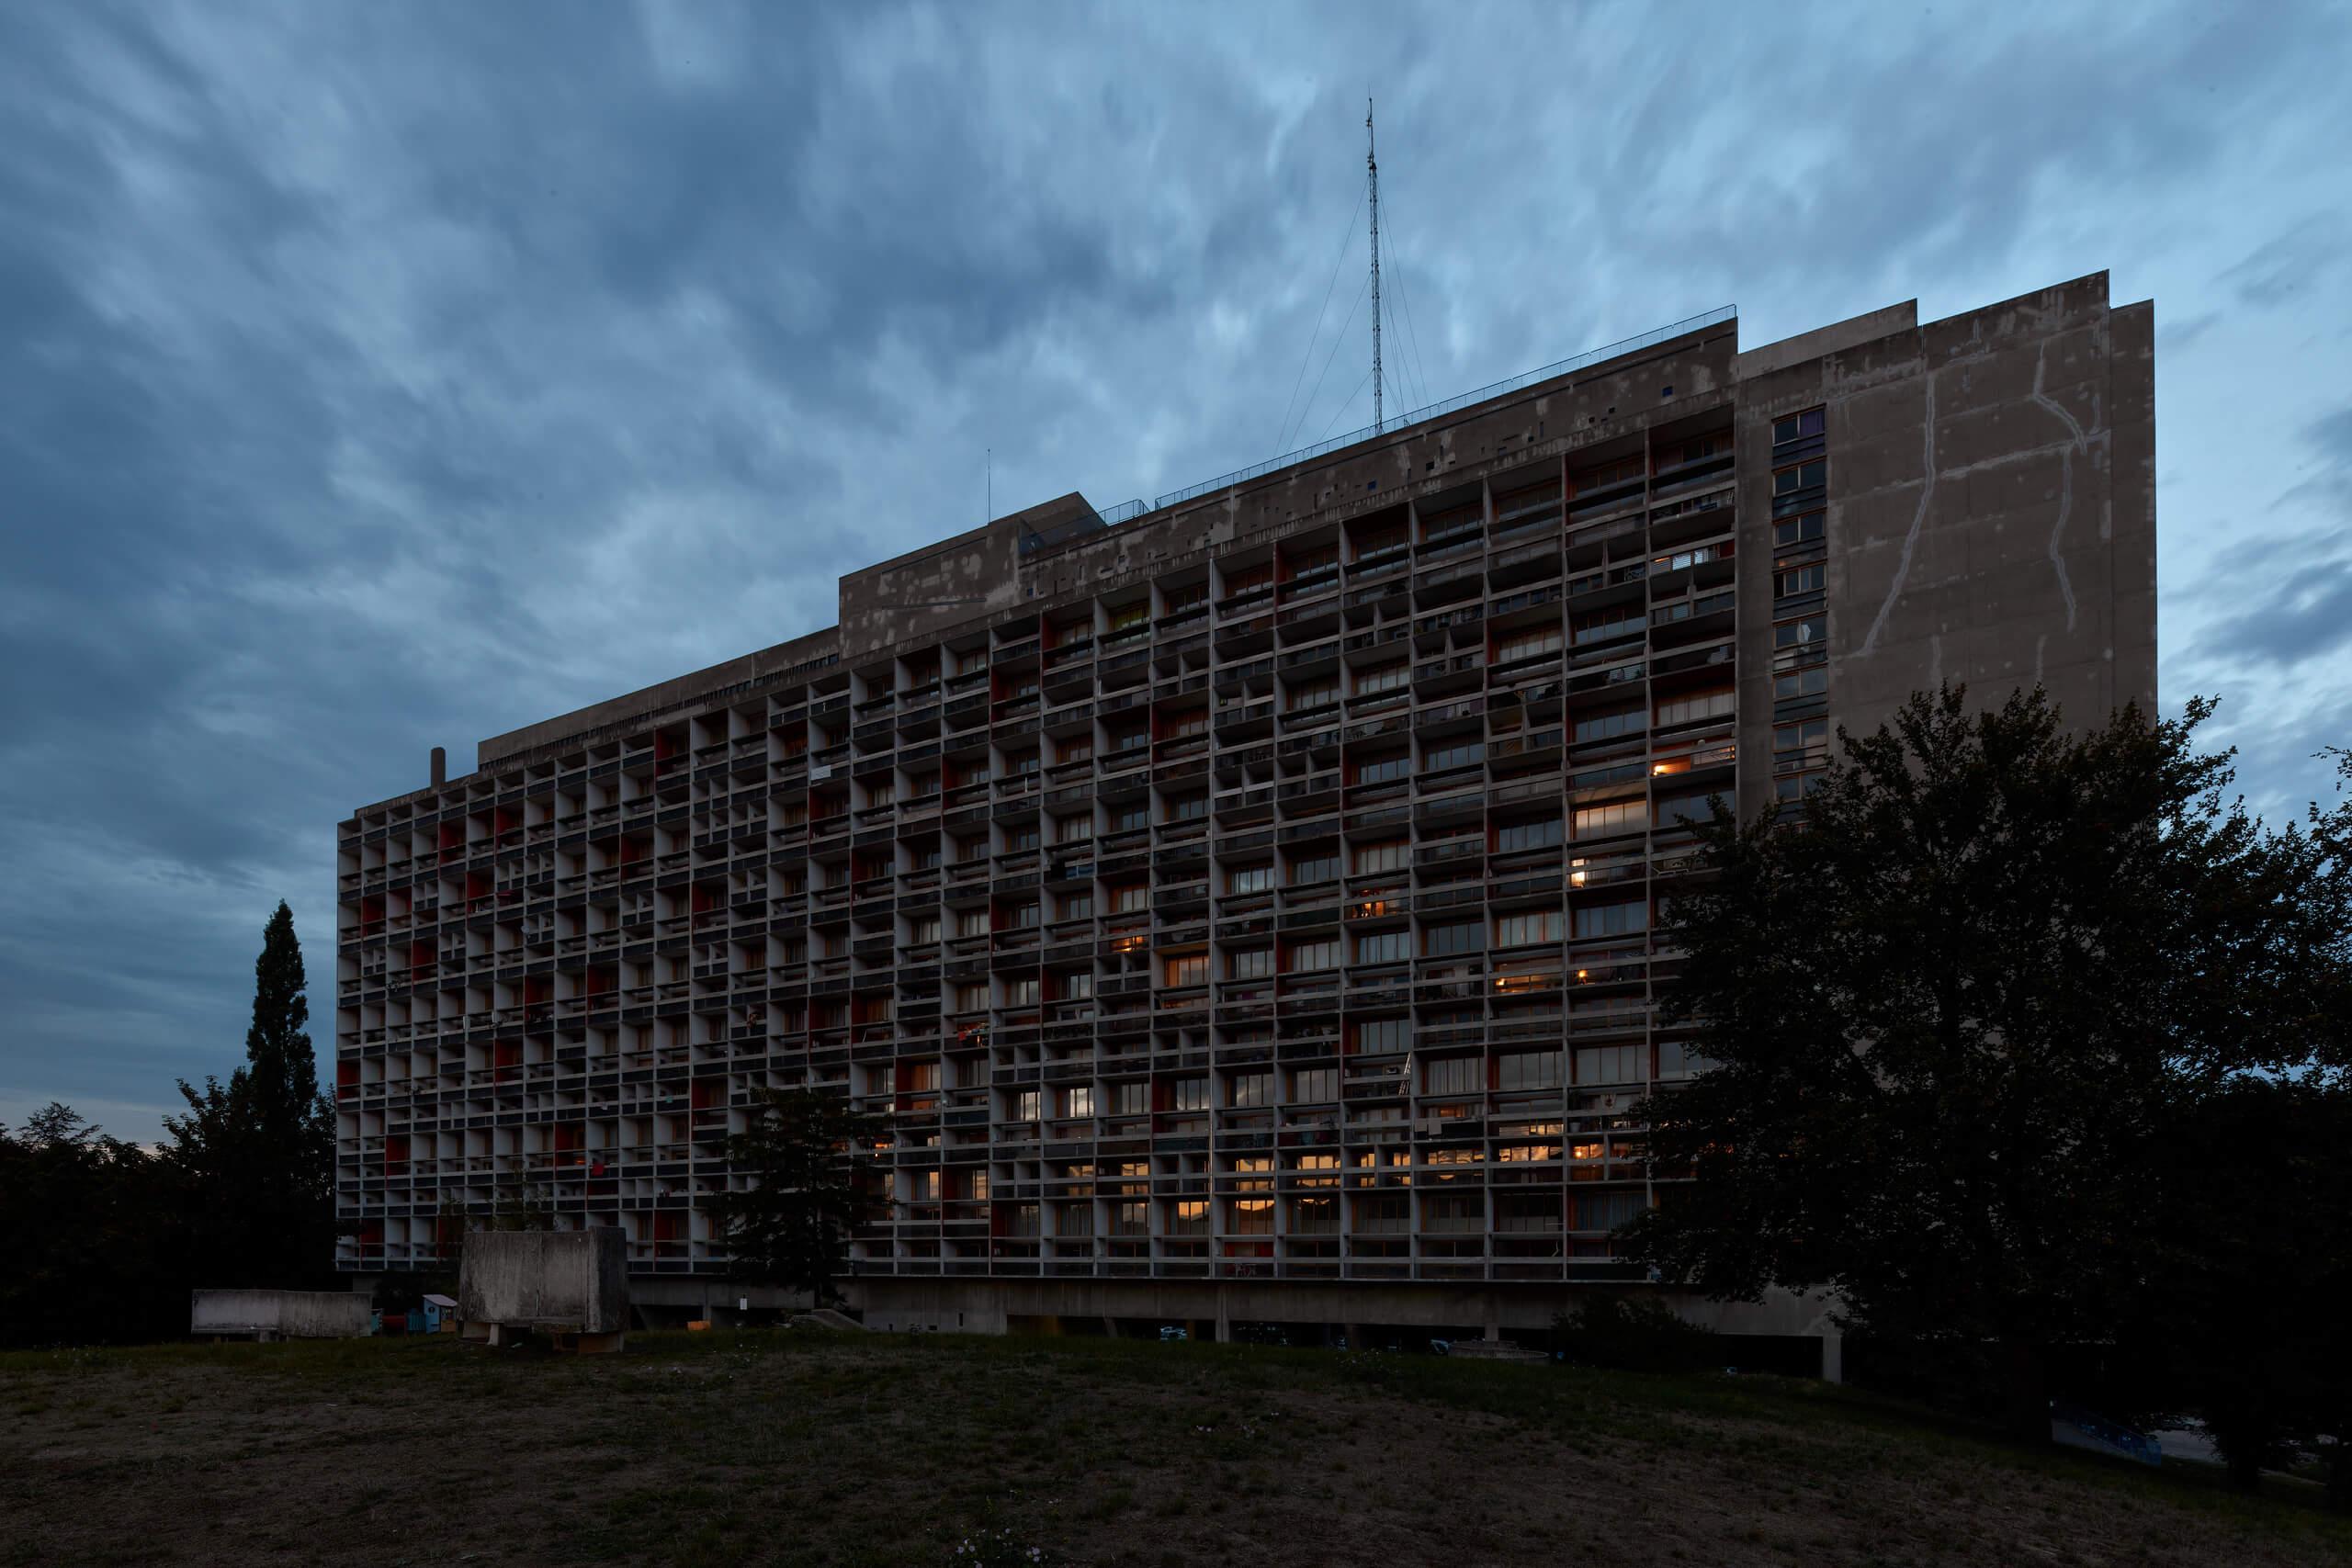 Federico_Covre_Unité_Firminy_Le_Corbusier_2018_69